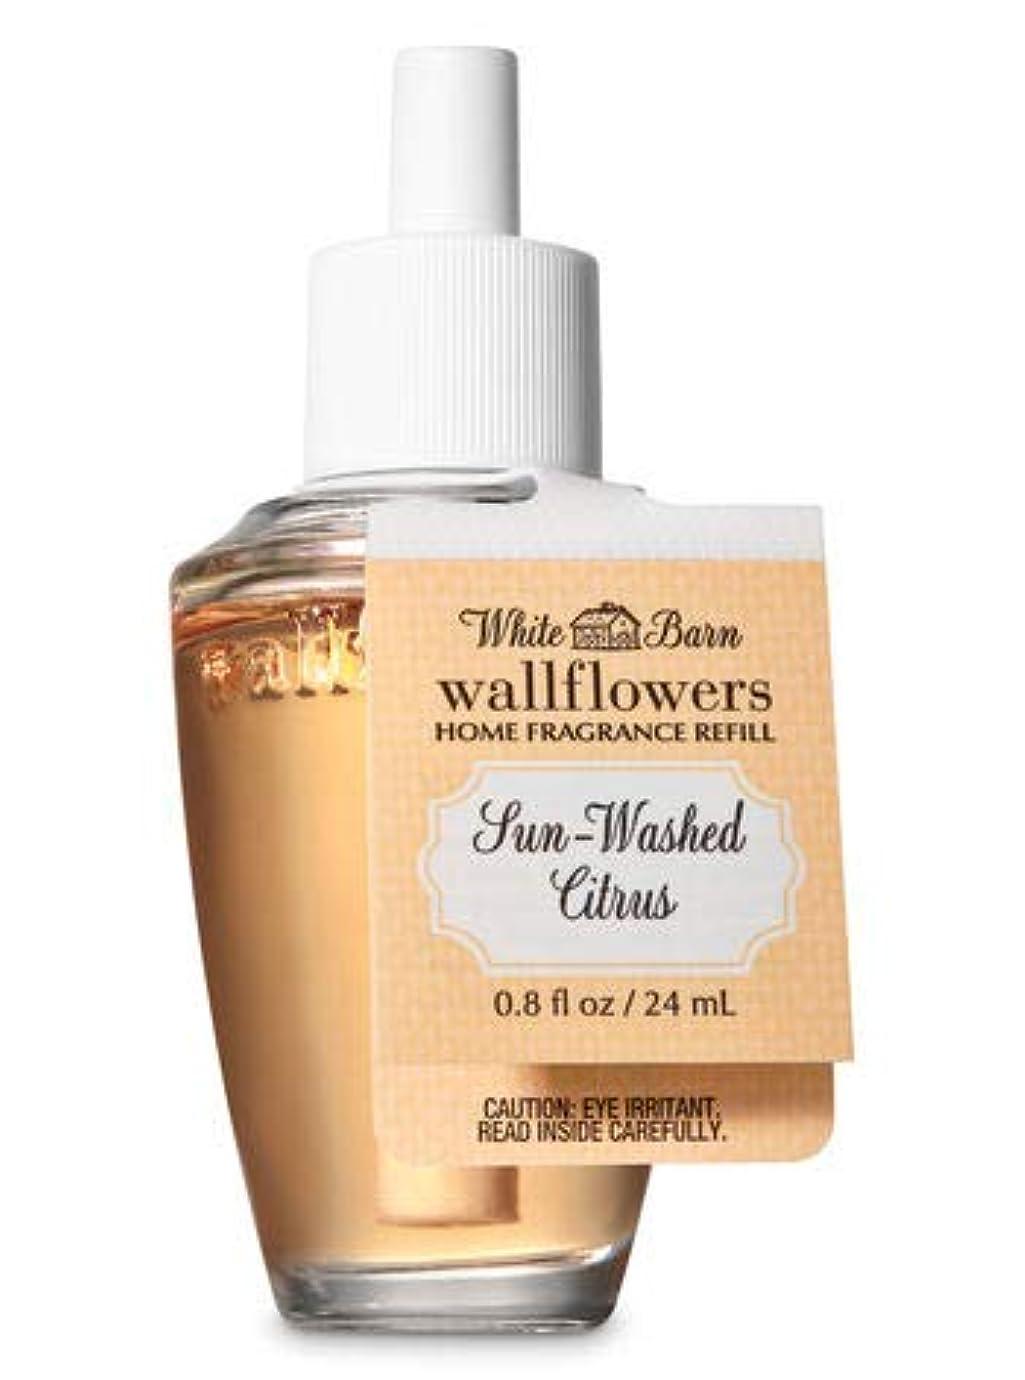 薬を飲む教育者愛国的な【Bath&Body Works/バス&ボディワークス】 ルームフレグランス 詰替えリフィル サンウォッシュドシトラス Wallflowers Home Fragrance Refill Sun-Washed Citrus [並行輸入品]